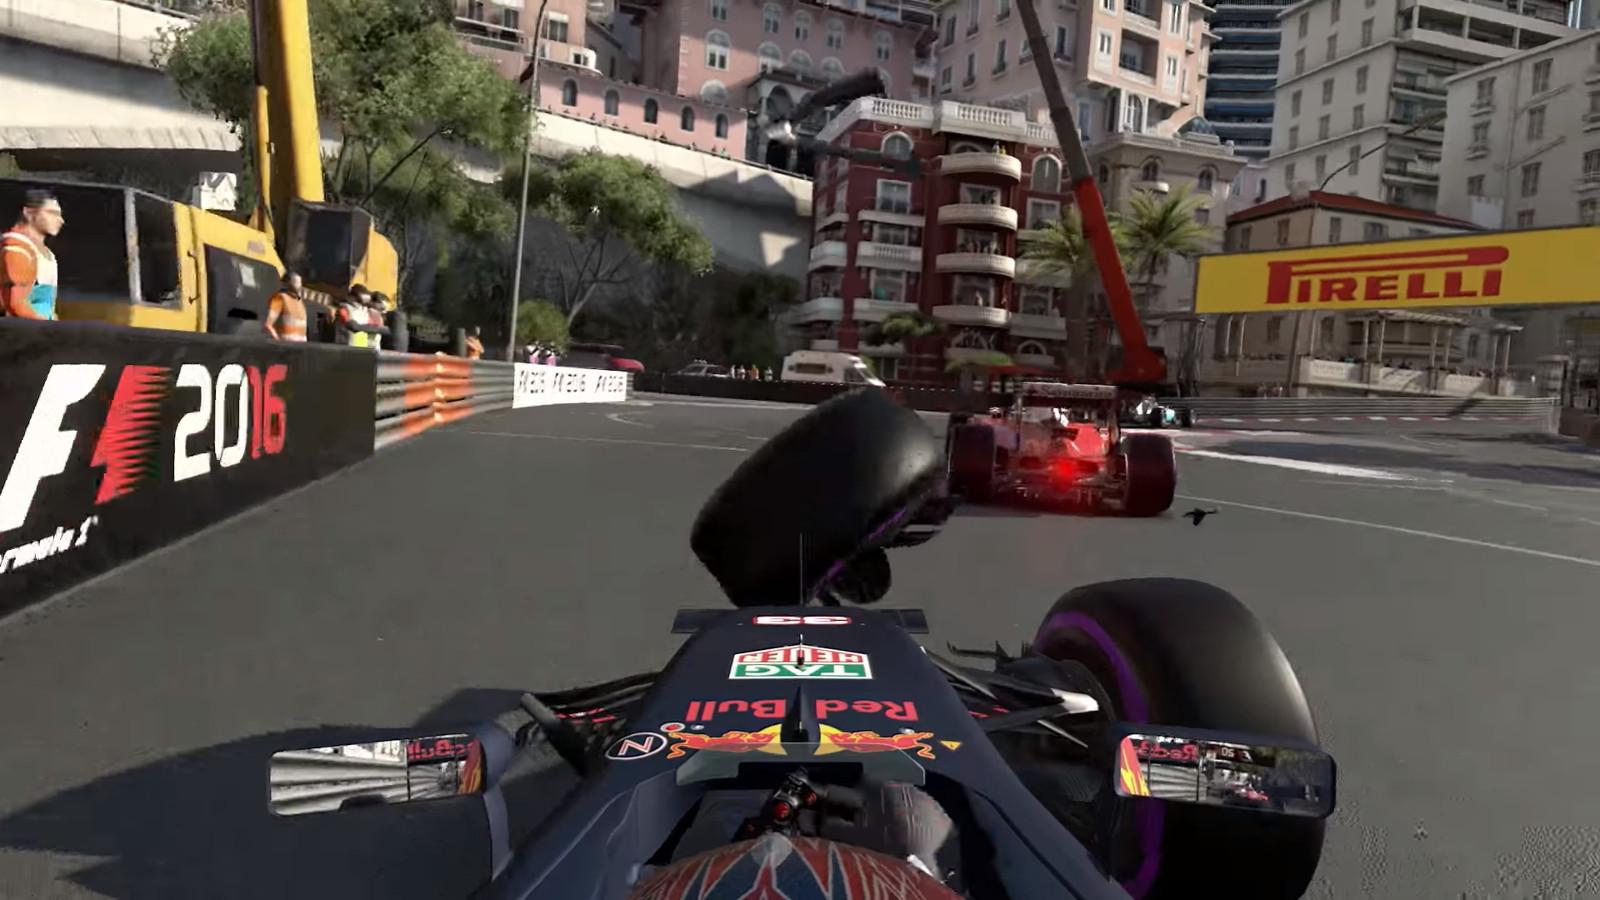 Скриншот  3 - F1 2016 + Career Booster DLC steam key RUCIS